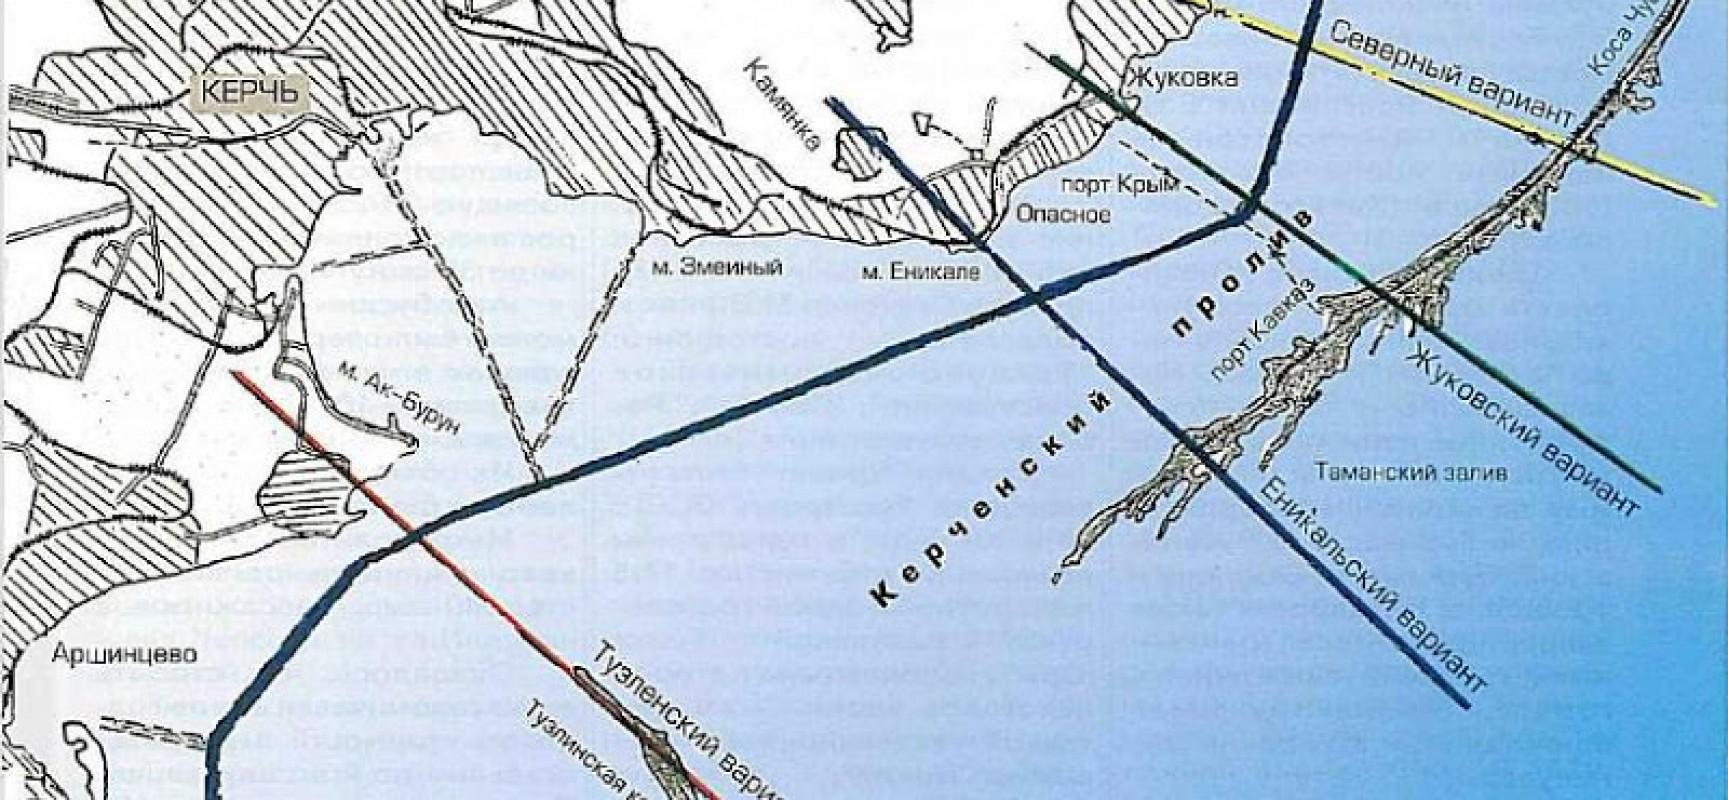 О переходе через Керченский пролив. «Киевсоюздорпроект» 2008